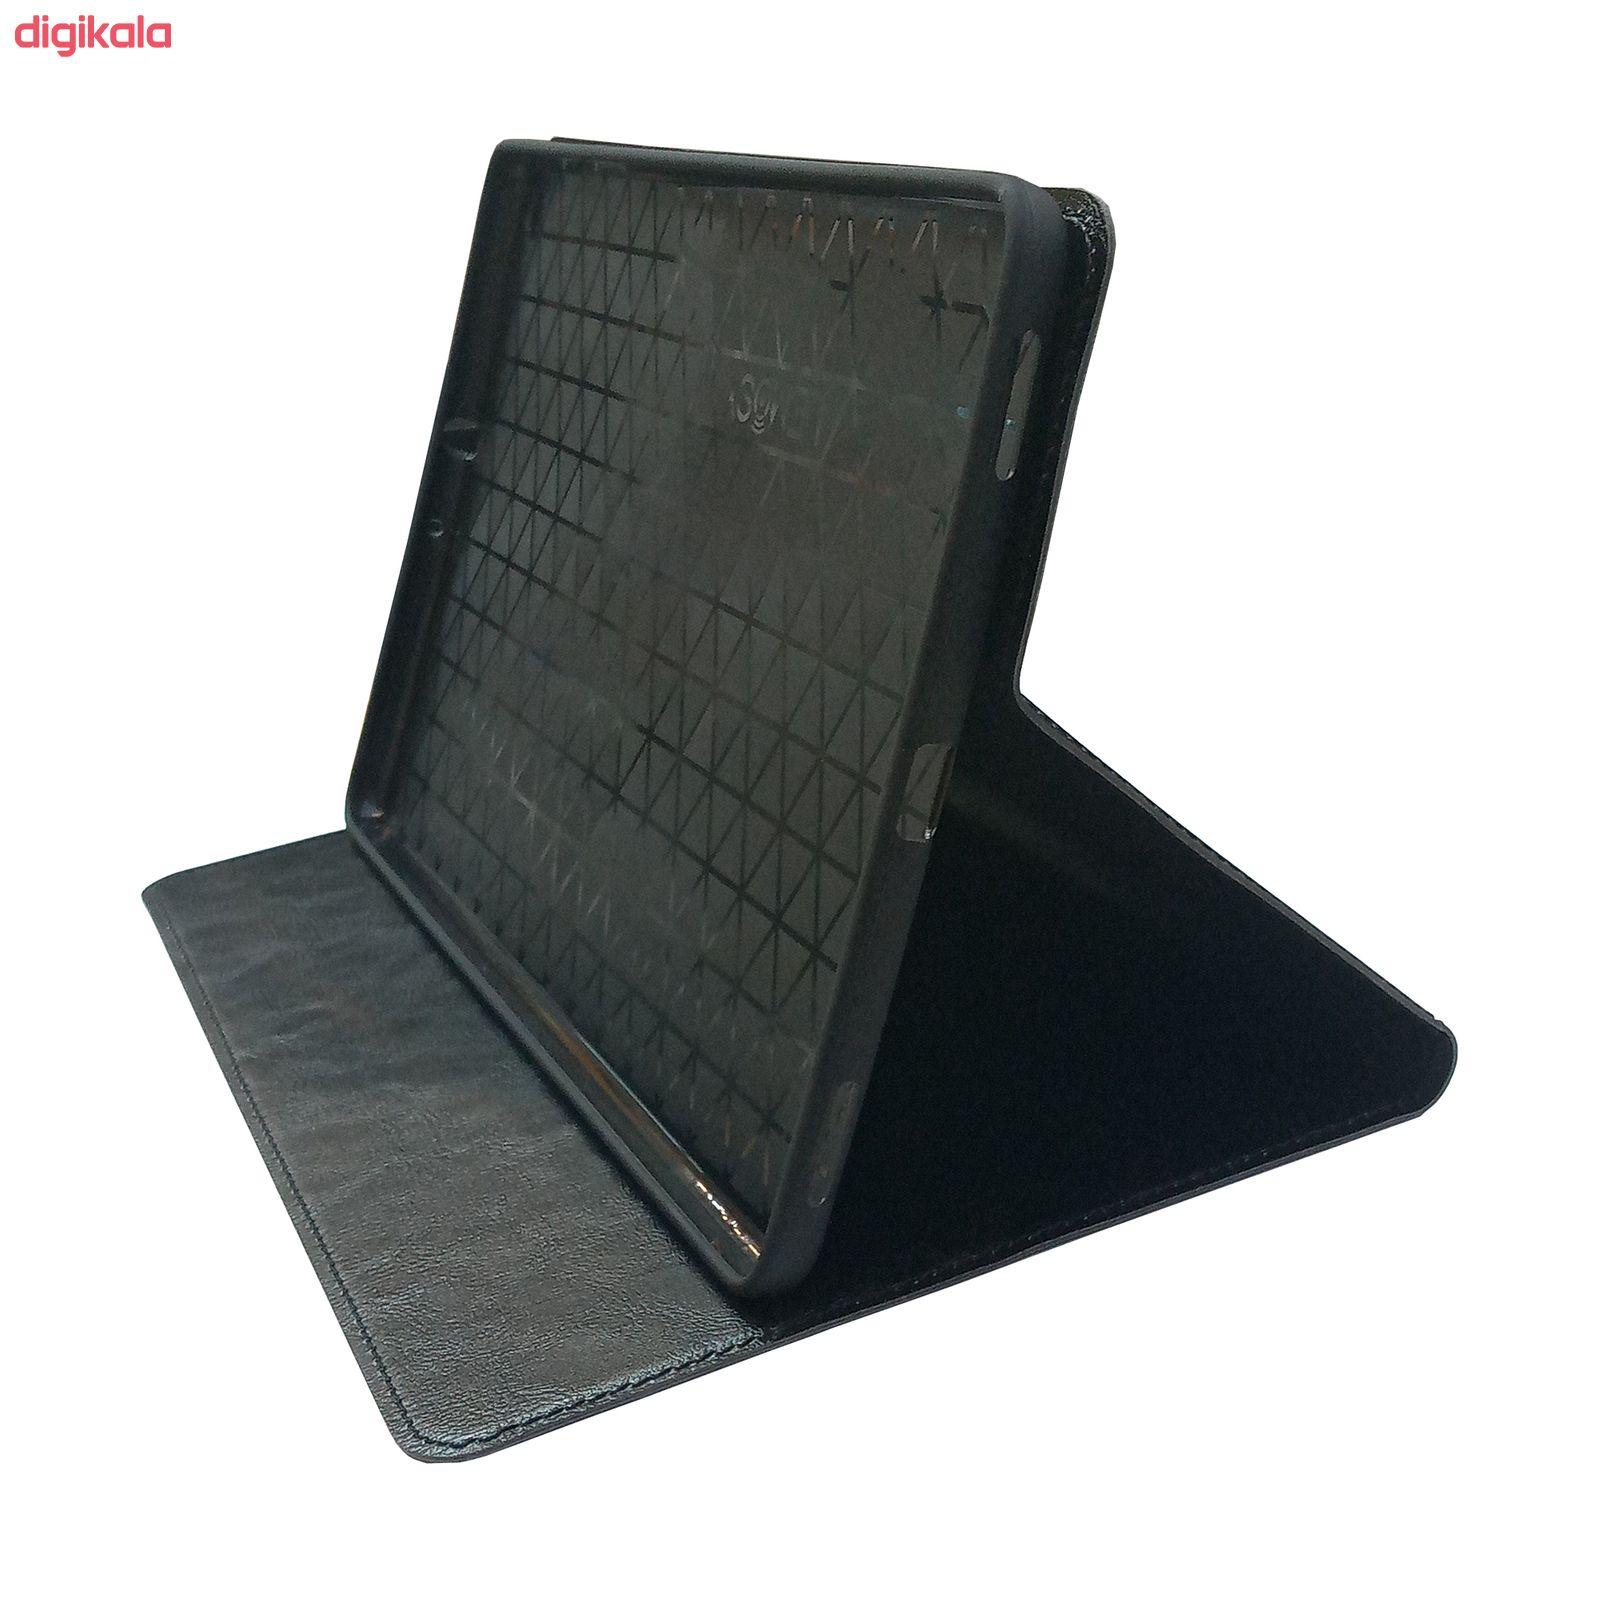 کیف کلاسوری مدل T515 مناسب برای تبلت سامسونگ Tab A 10.1 SM-T515 main 1 1